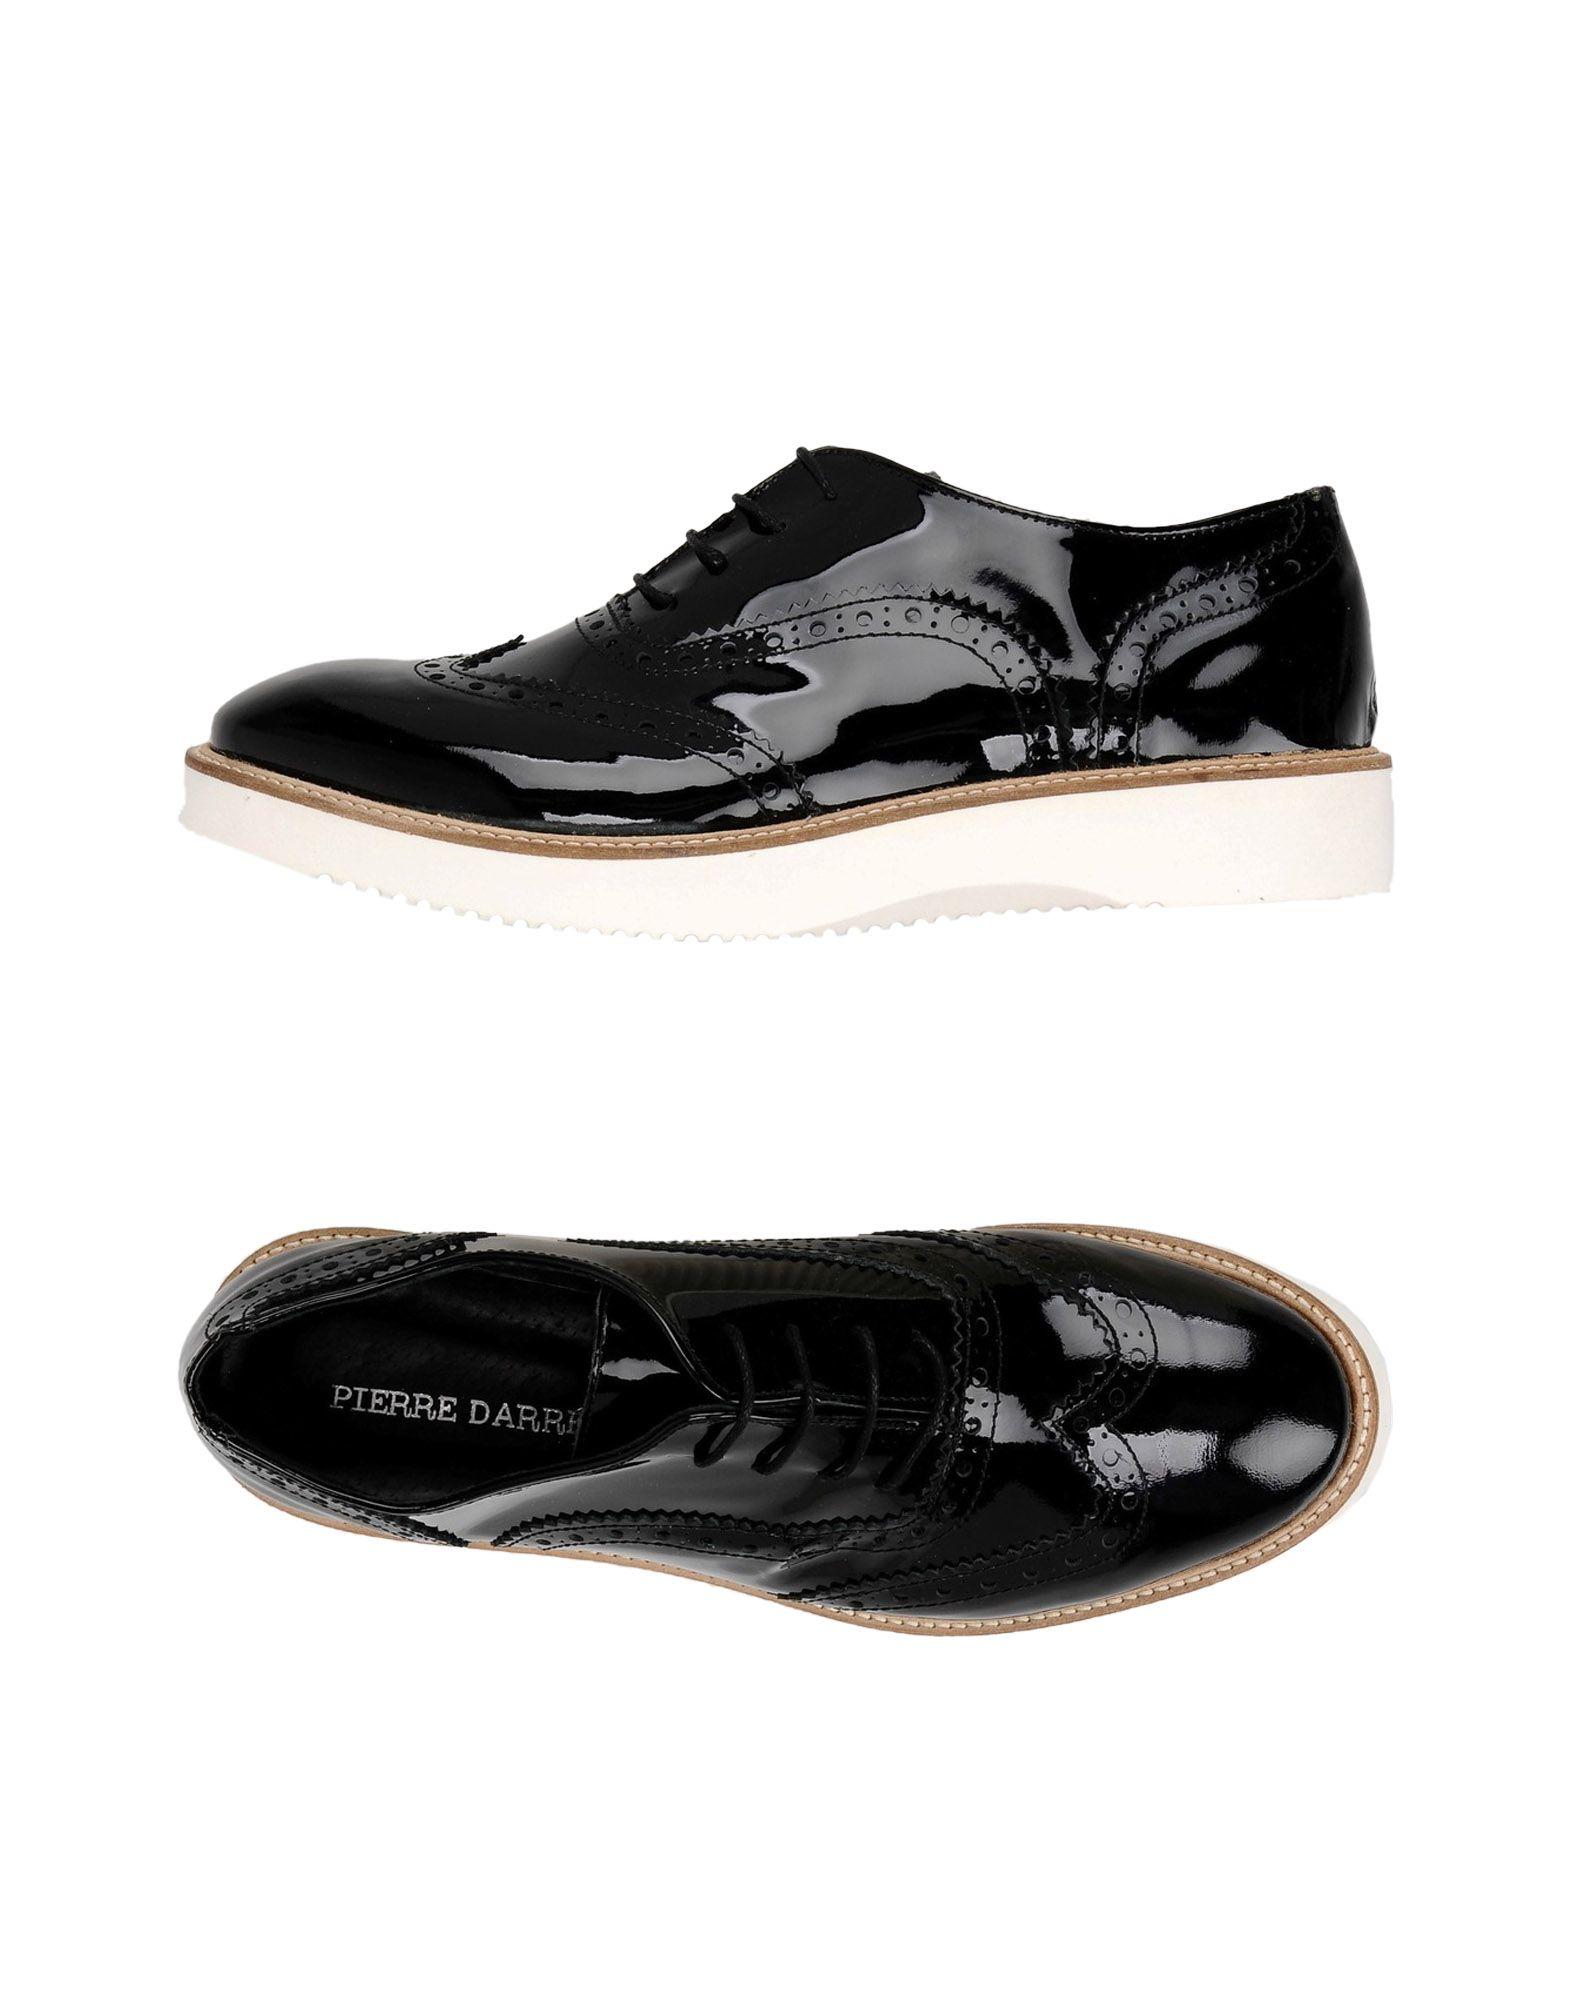 Pierre Darré Schnürschuhe Damen  11432655DI Neue Schuhe